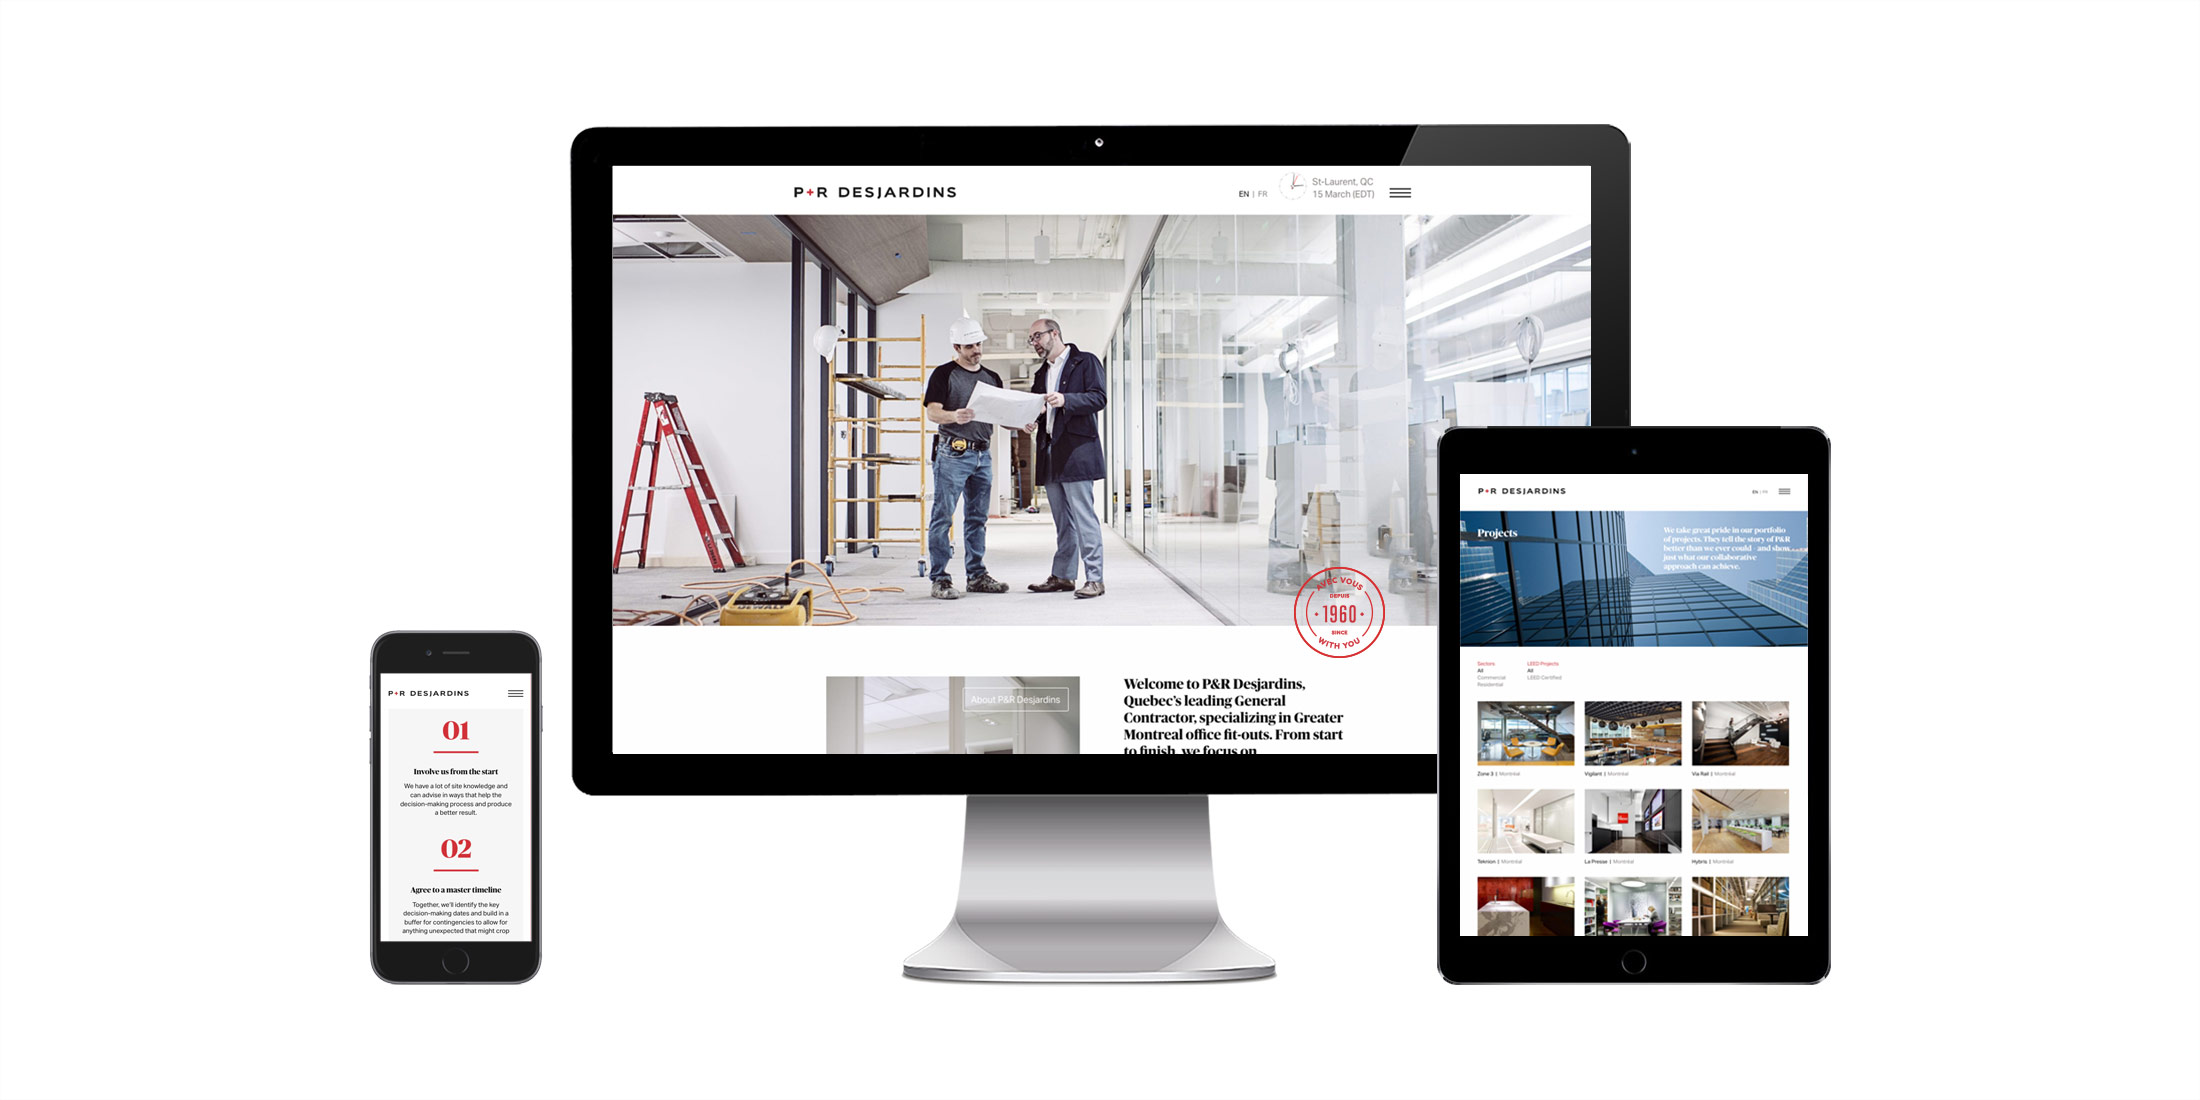 P&R Desjardins website